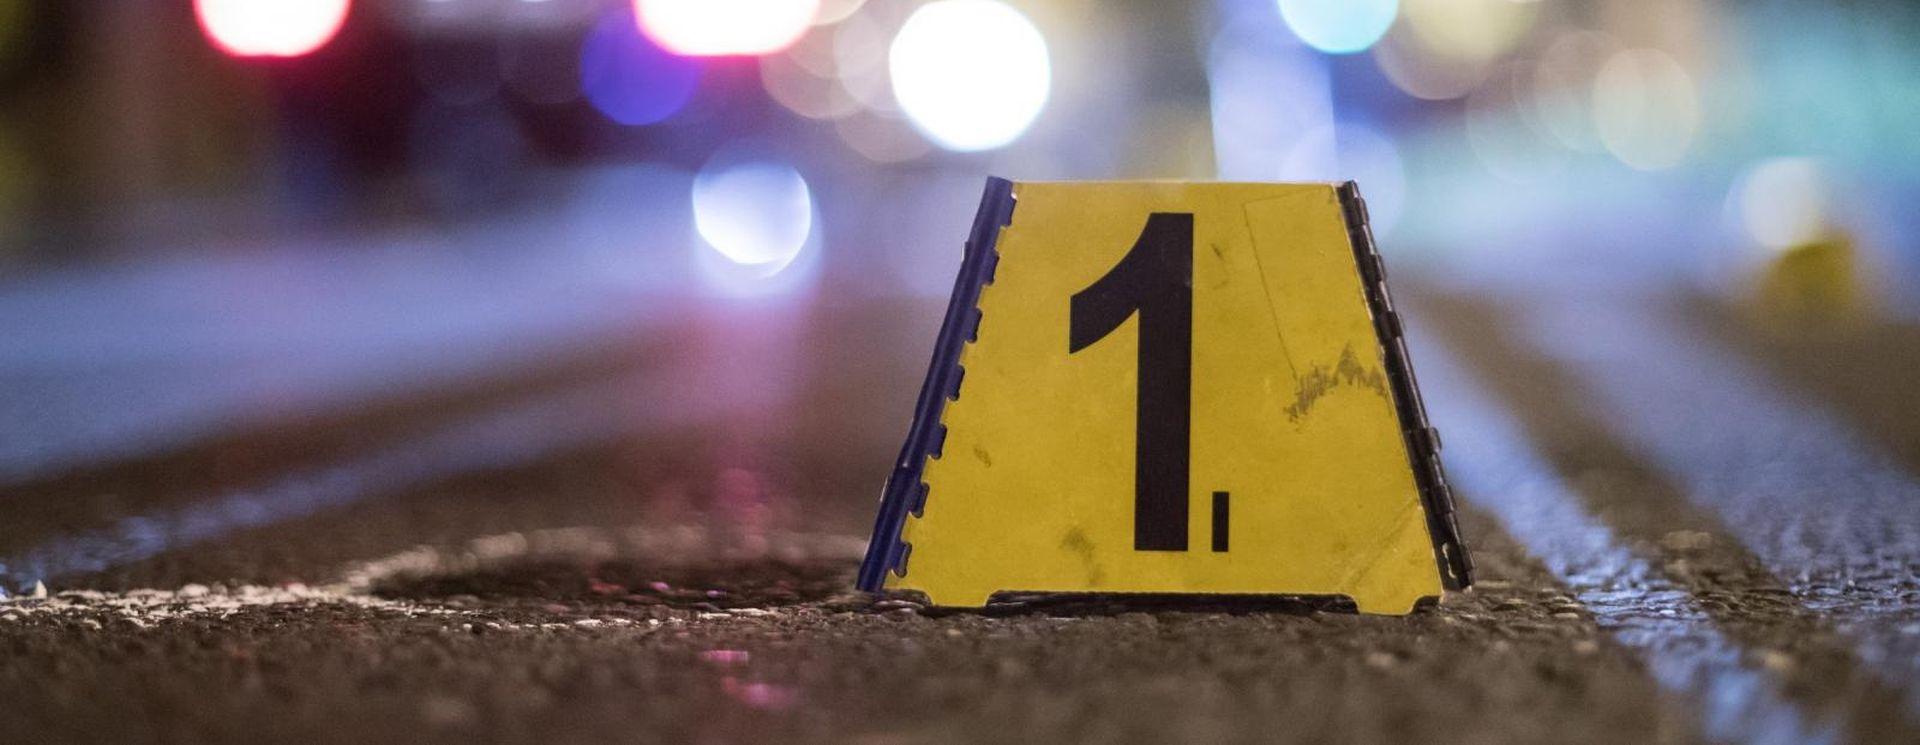 Pet osoba ozlijeđeno u Nedeljancu, među njima i dvoje djece